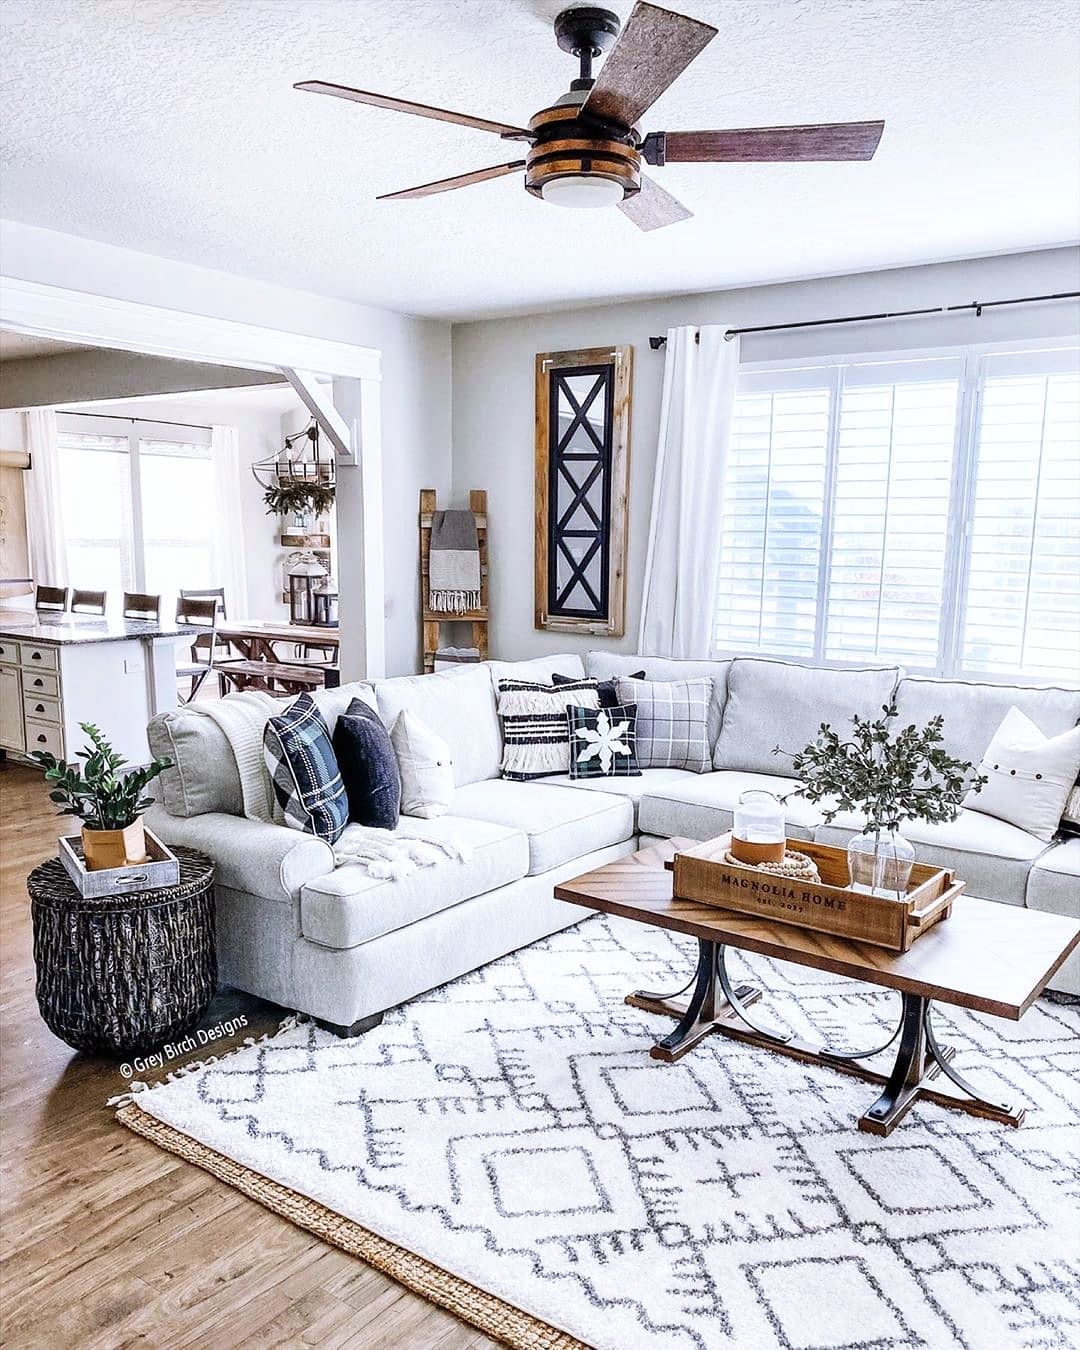 #home #homedesign #house #housedesign #homedecor #housedecor #homeinterior #house interior  #livingroomdesign #livingroomdecor #livingroom #livingroomideas